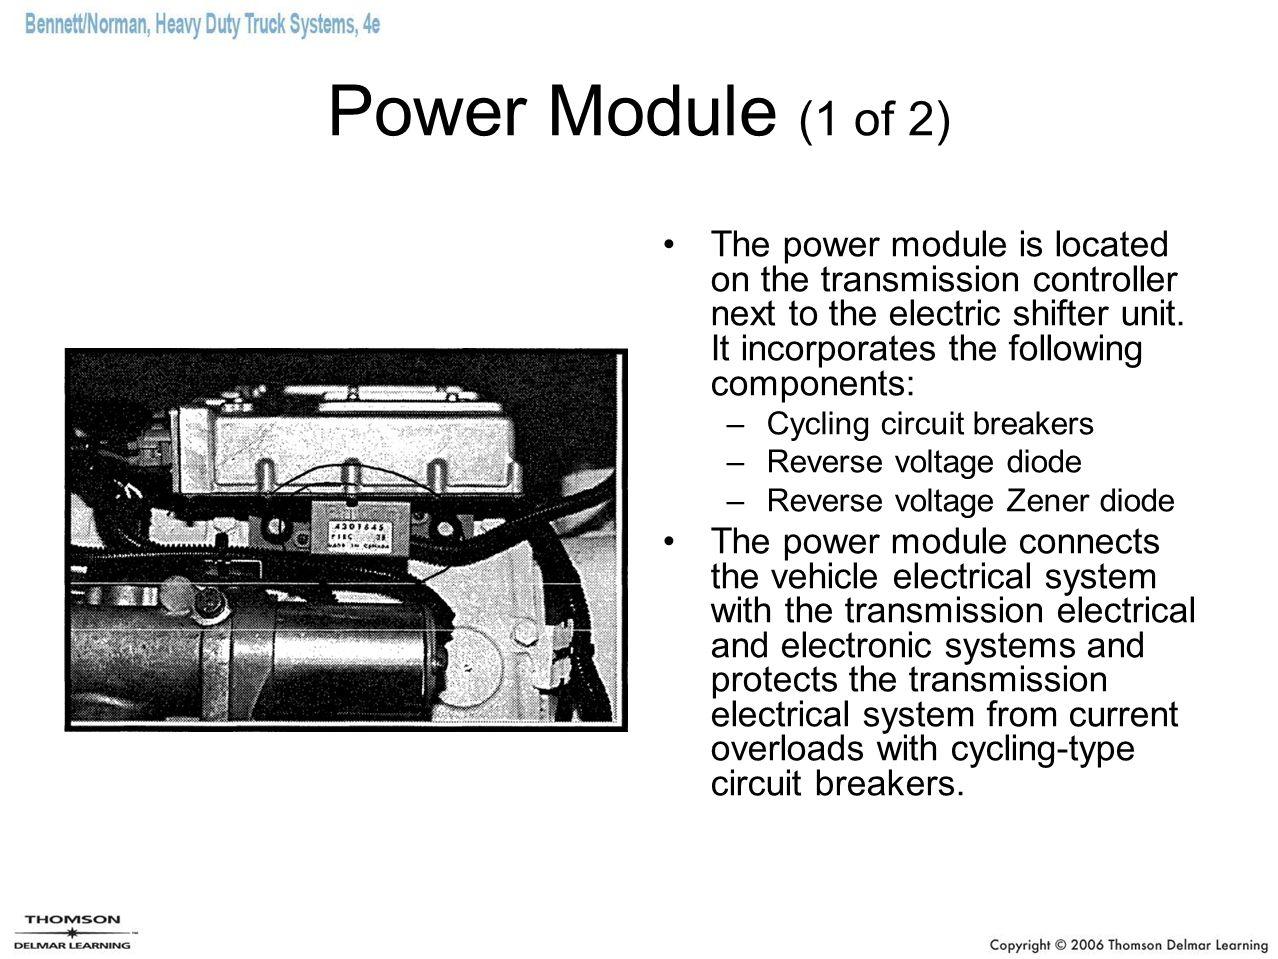 Power Module (1 of 2)